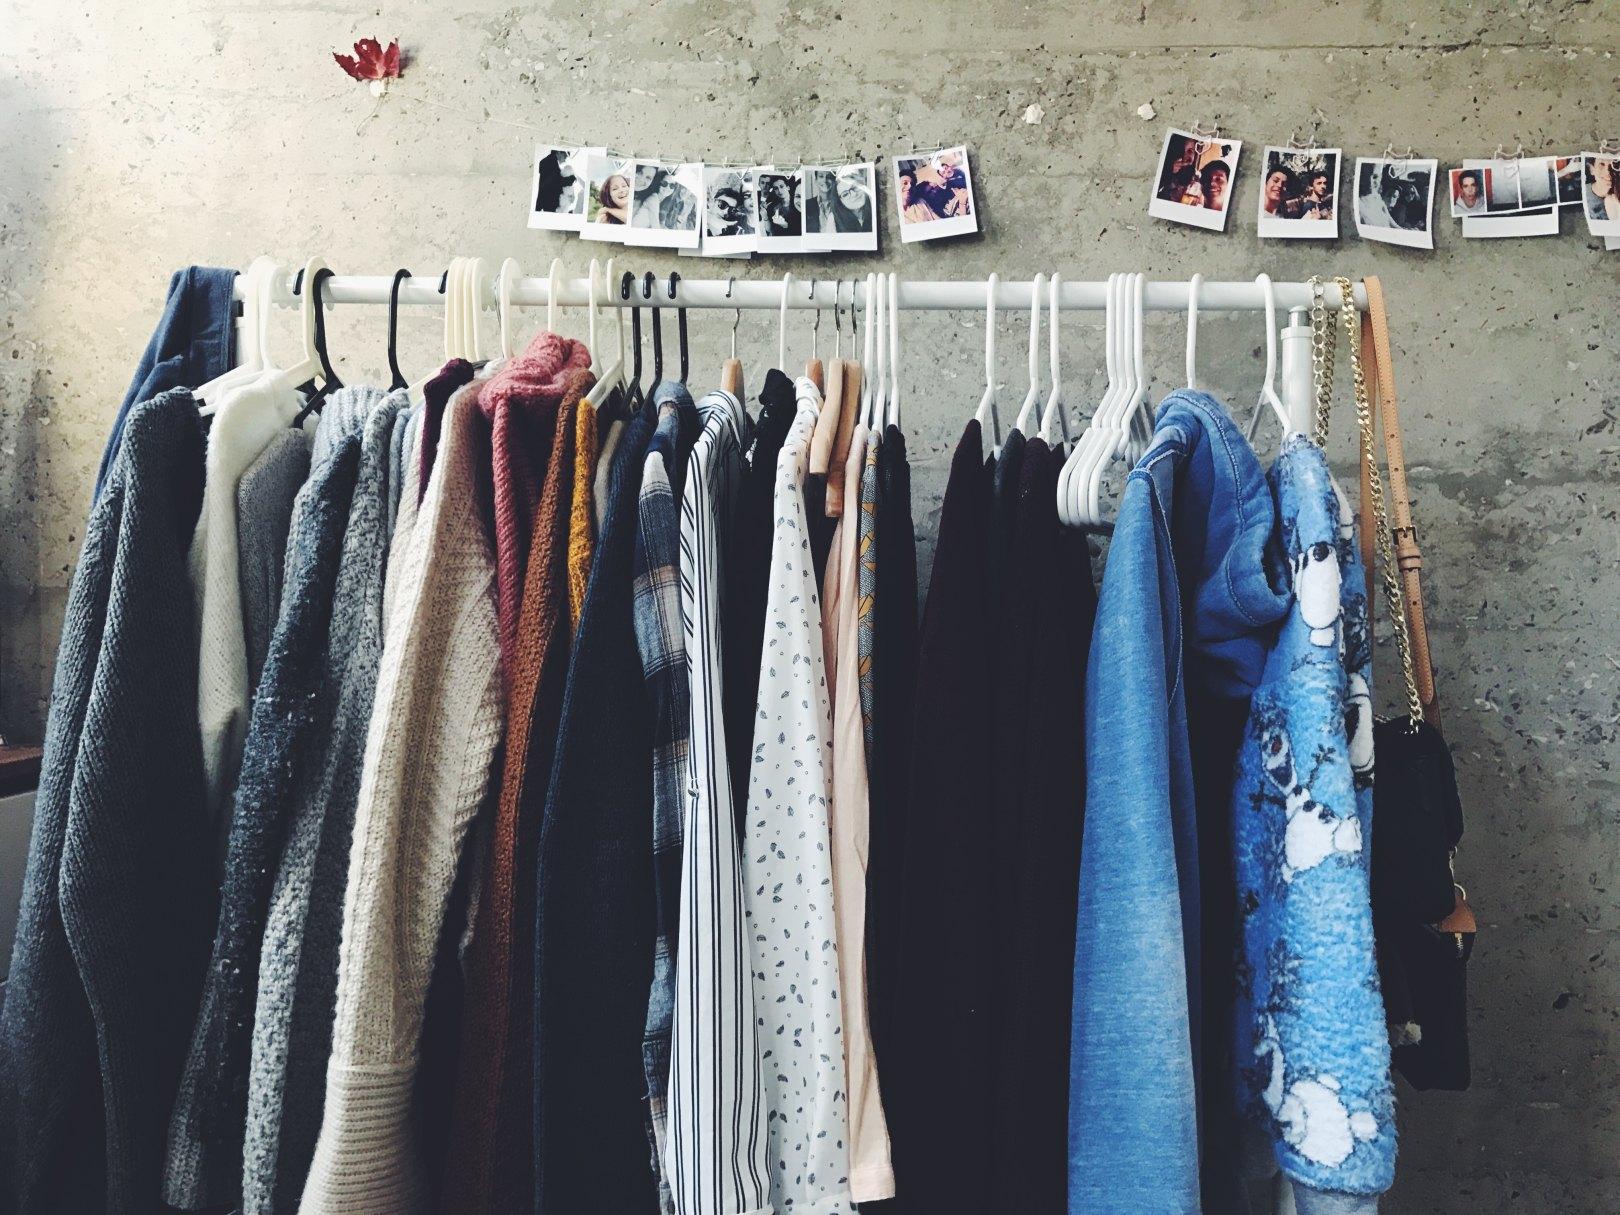 Meine Firma Talent & Soul hat ihren Sitz in Nürnberg.ICh bin Caroline Fischer, die Inhaberin und Betreiberin des Blogs fashionfuntalk. Ich bin als Personality Guide / Stylistin tätig.